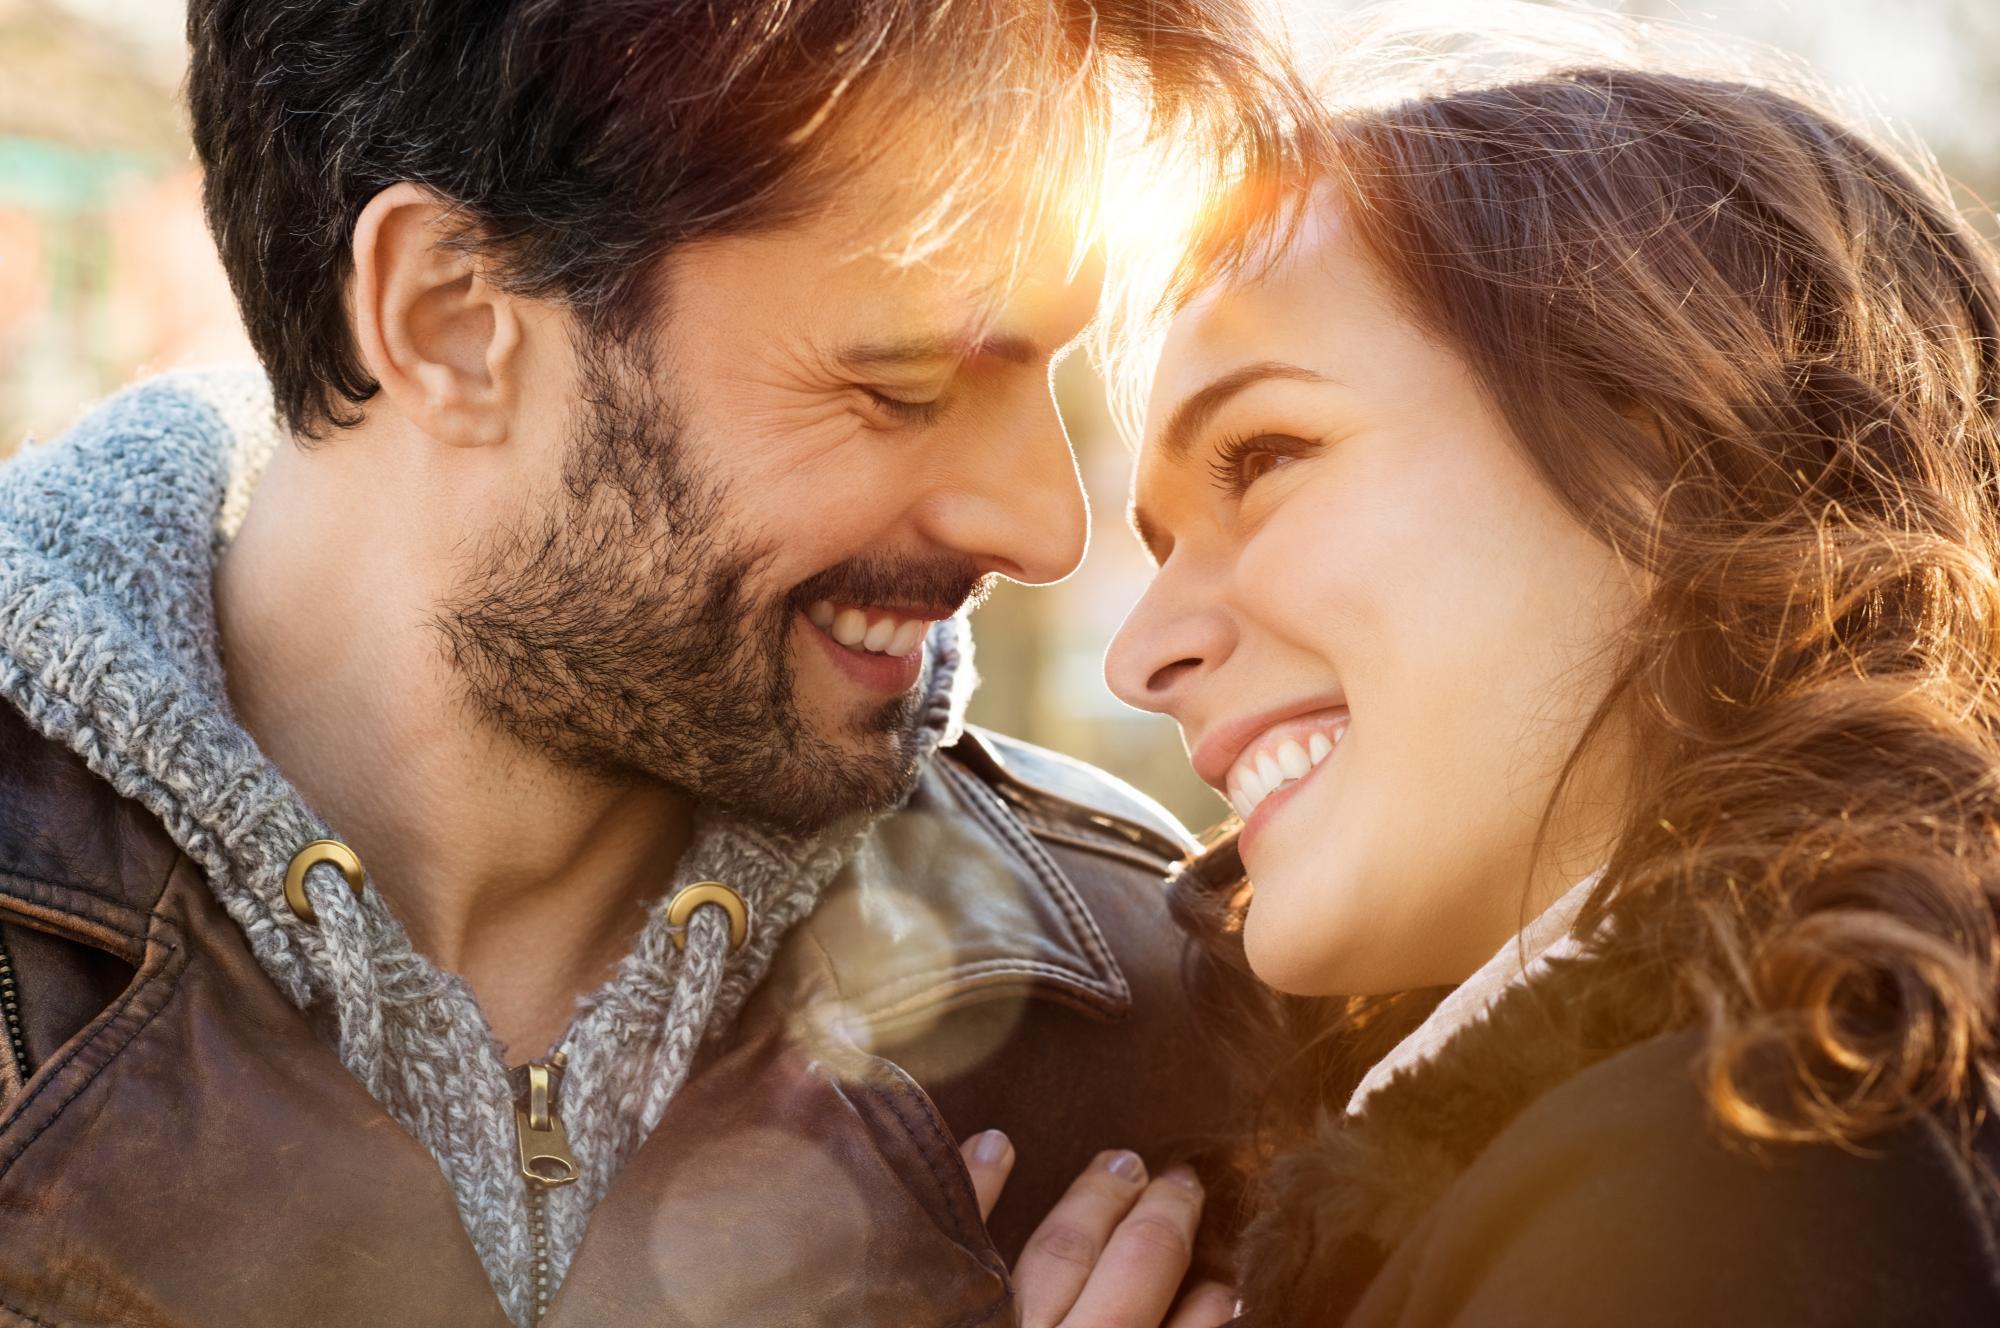 Чего хотят мужчины от женщин в отношениях?